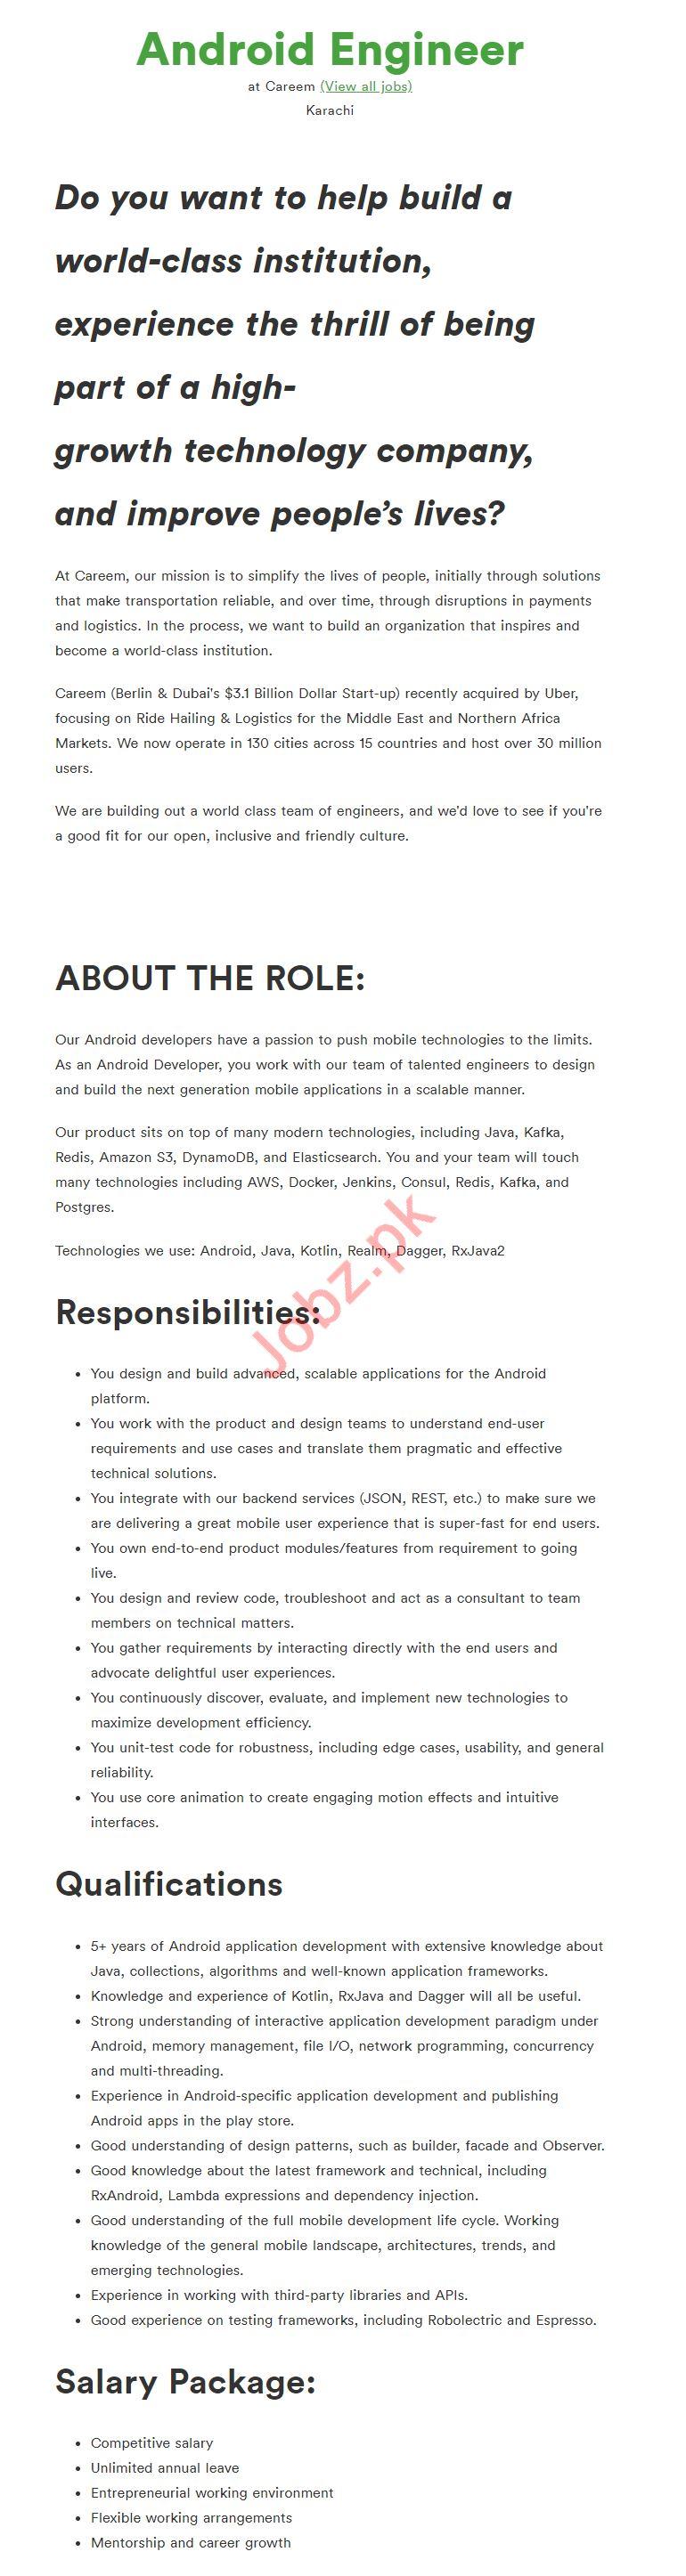 Android Engineer Job 2019 in Karachi